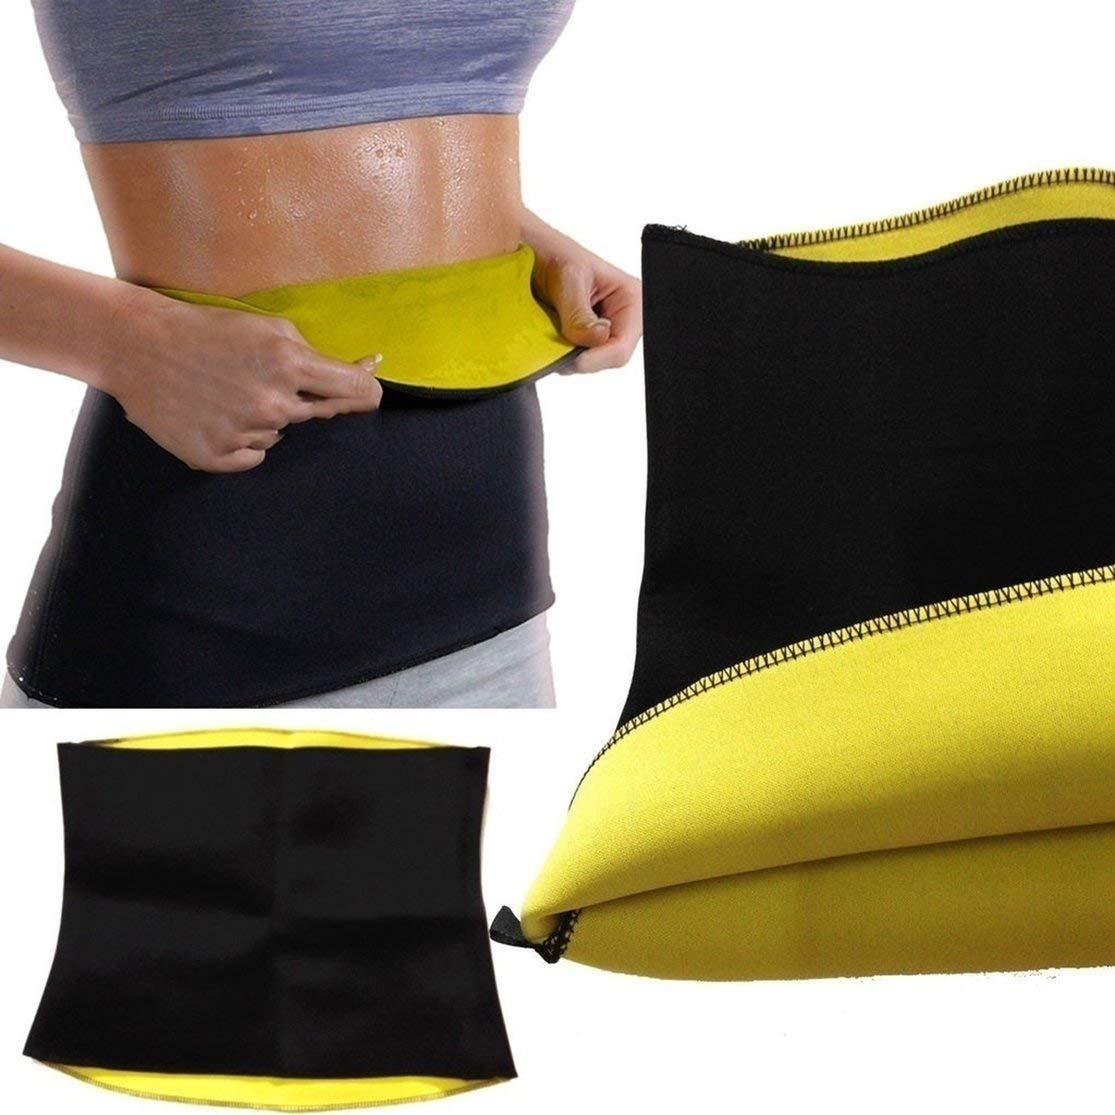 LouiseEvel215 Faja Reductora de neopreno para adelgazamiento t/érmico Cintura Cintura Cintura Sauna Fitness Pantalones de entrenamiento para adelgazar Faja para Mujeres